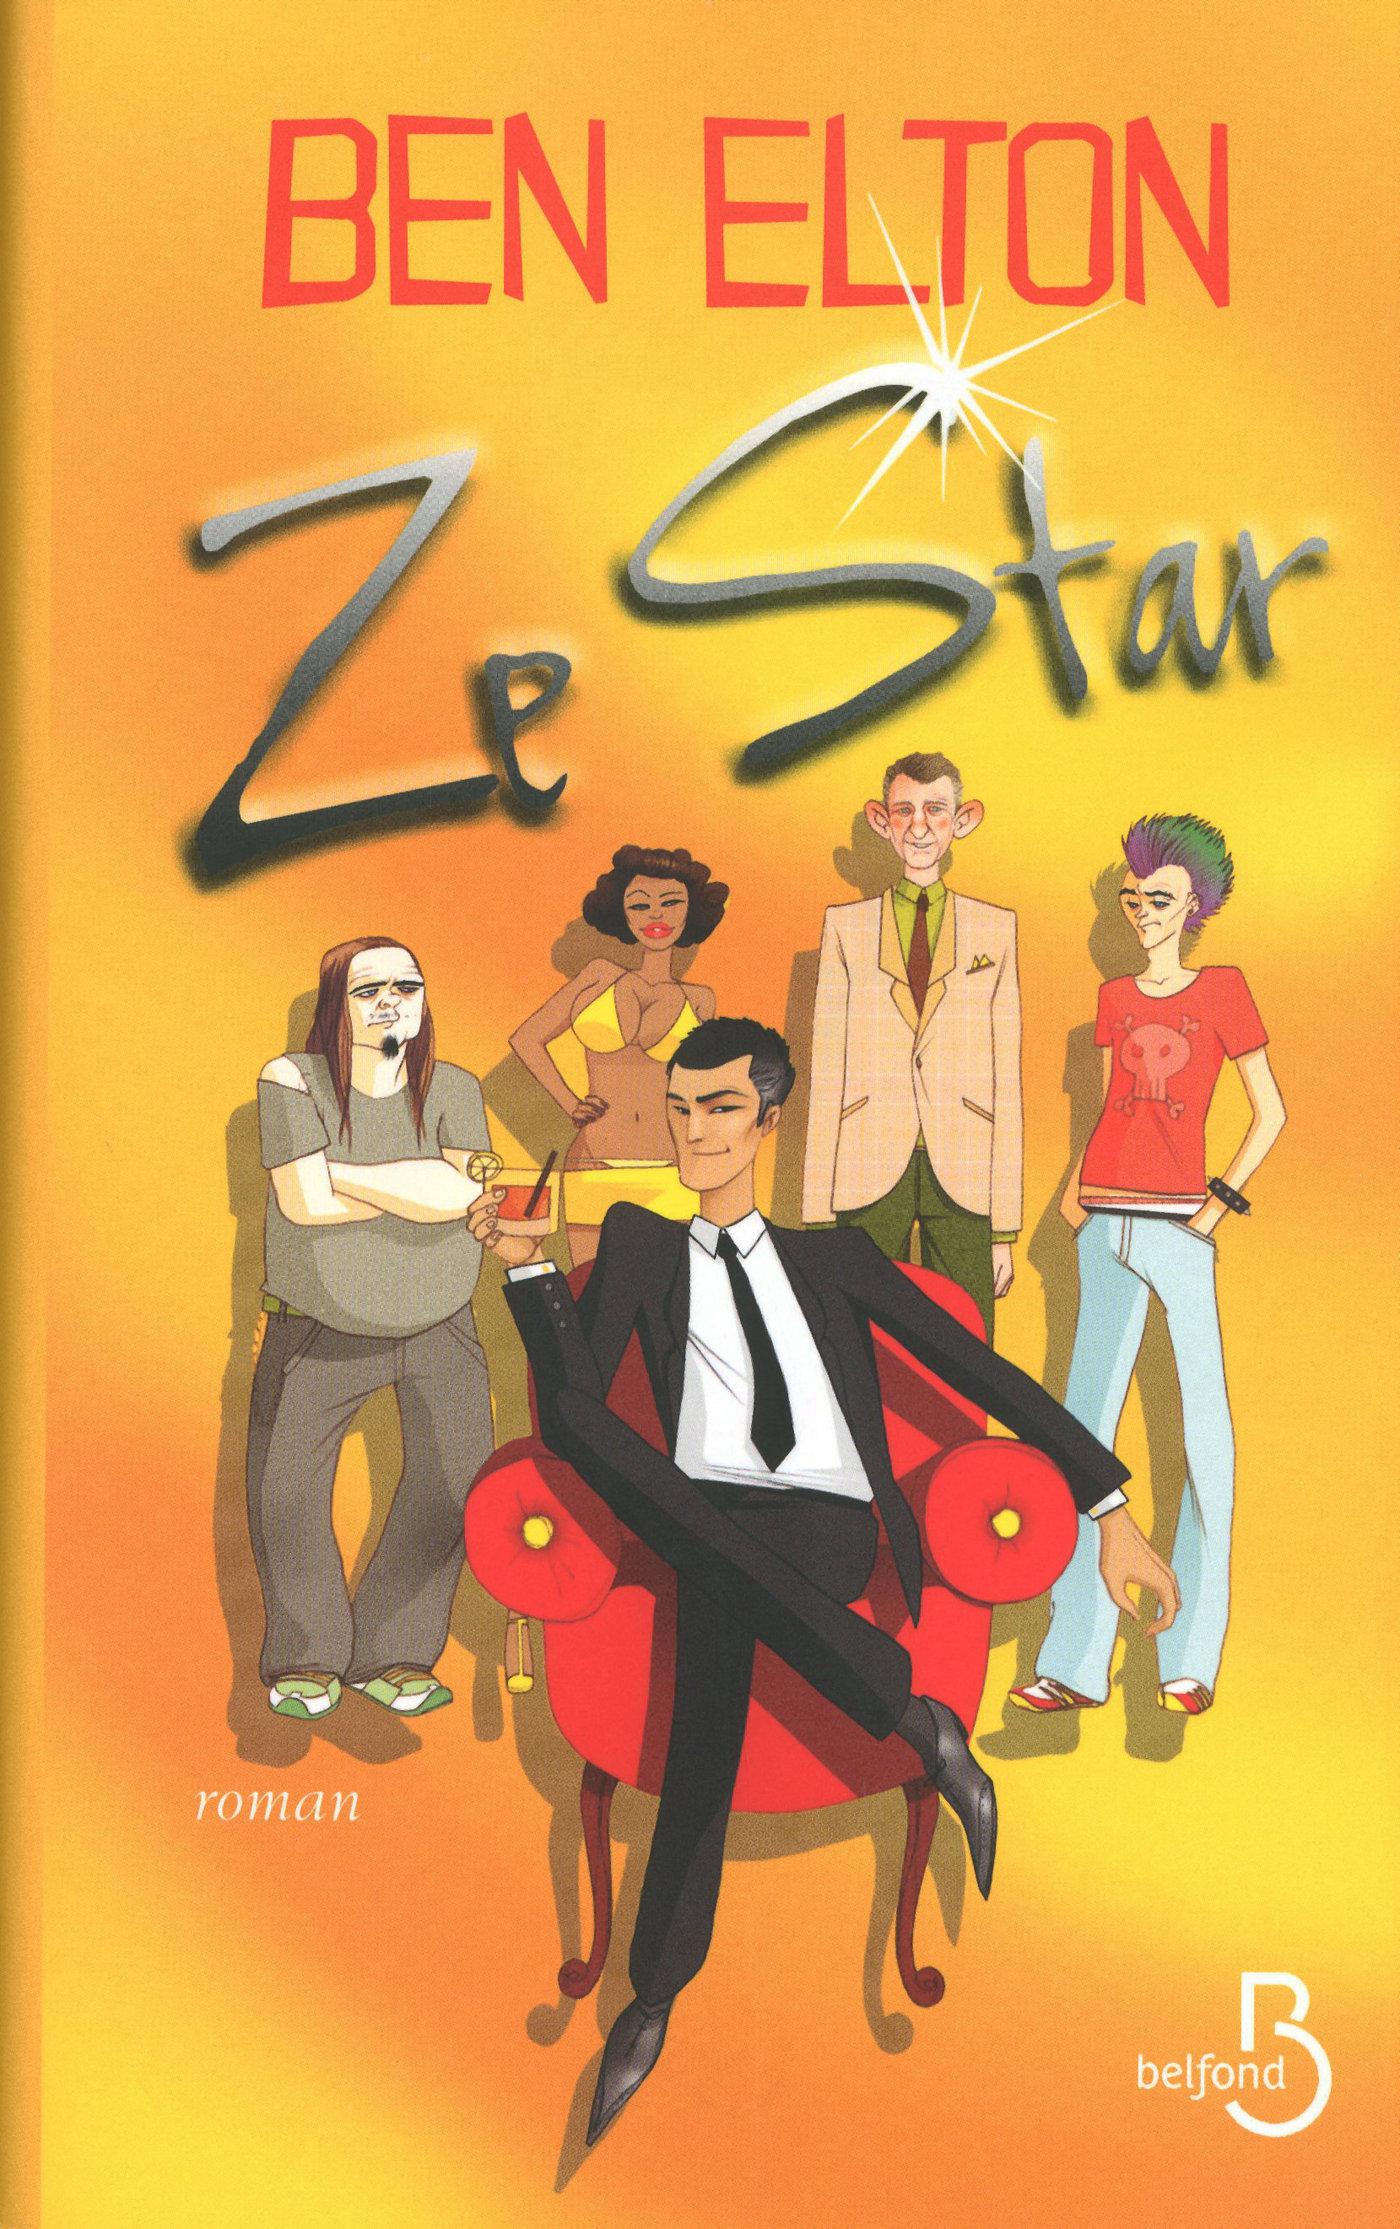 ZE STAR